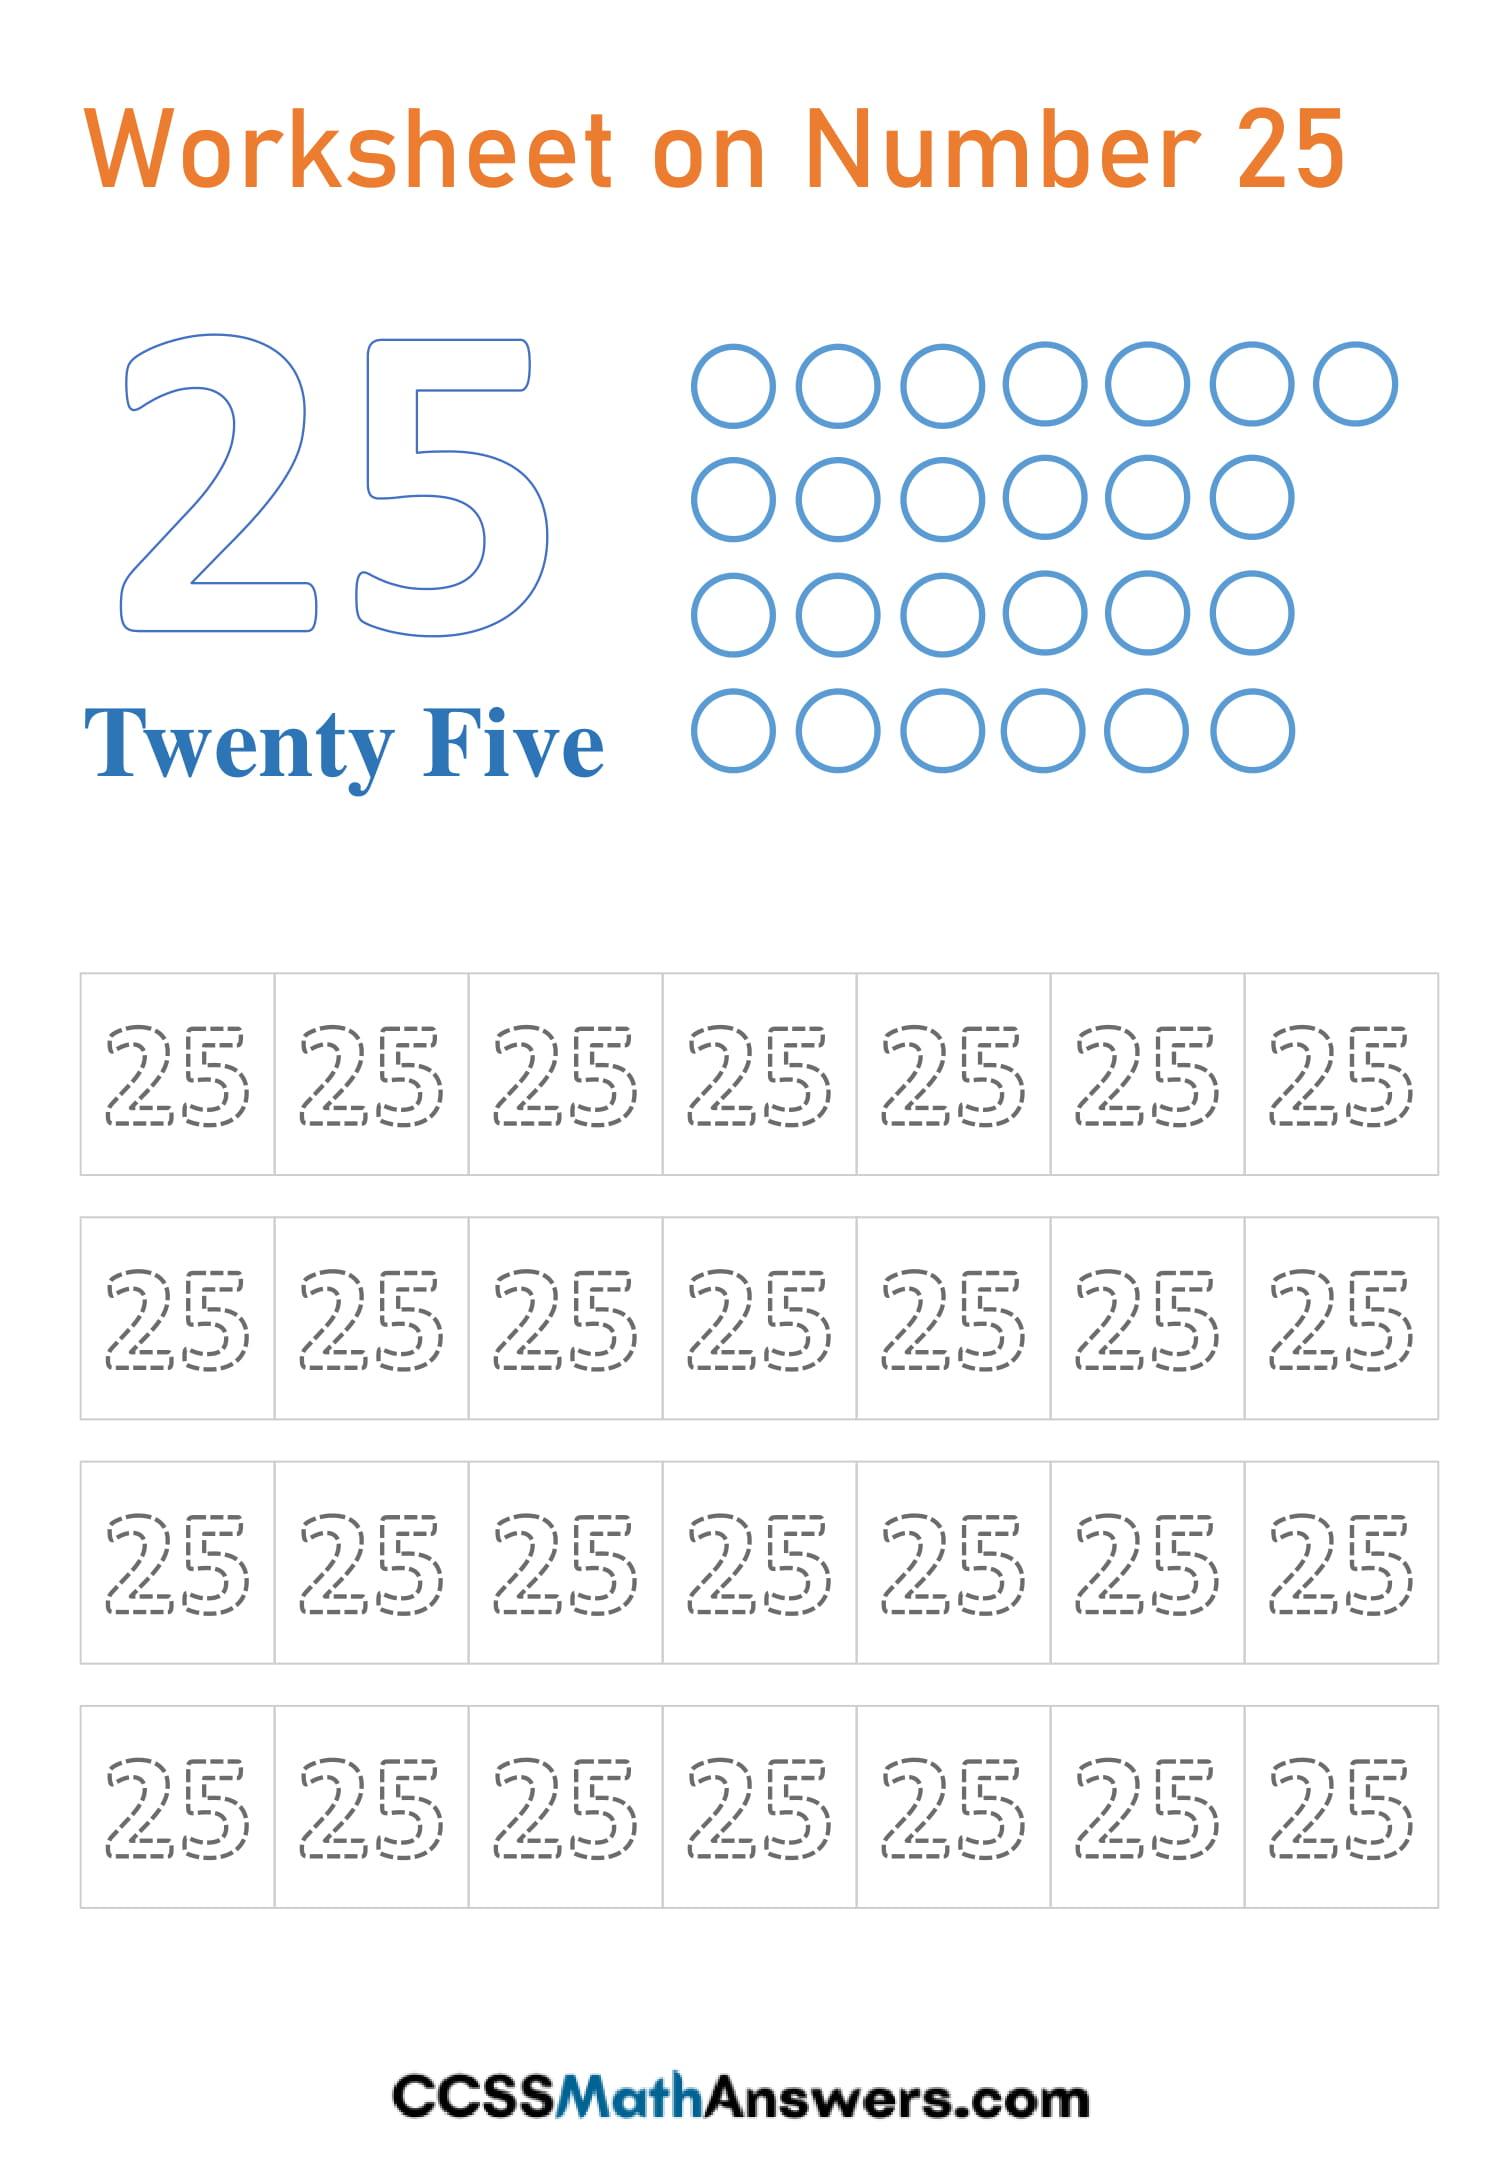 Number 25 Worksheet